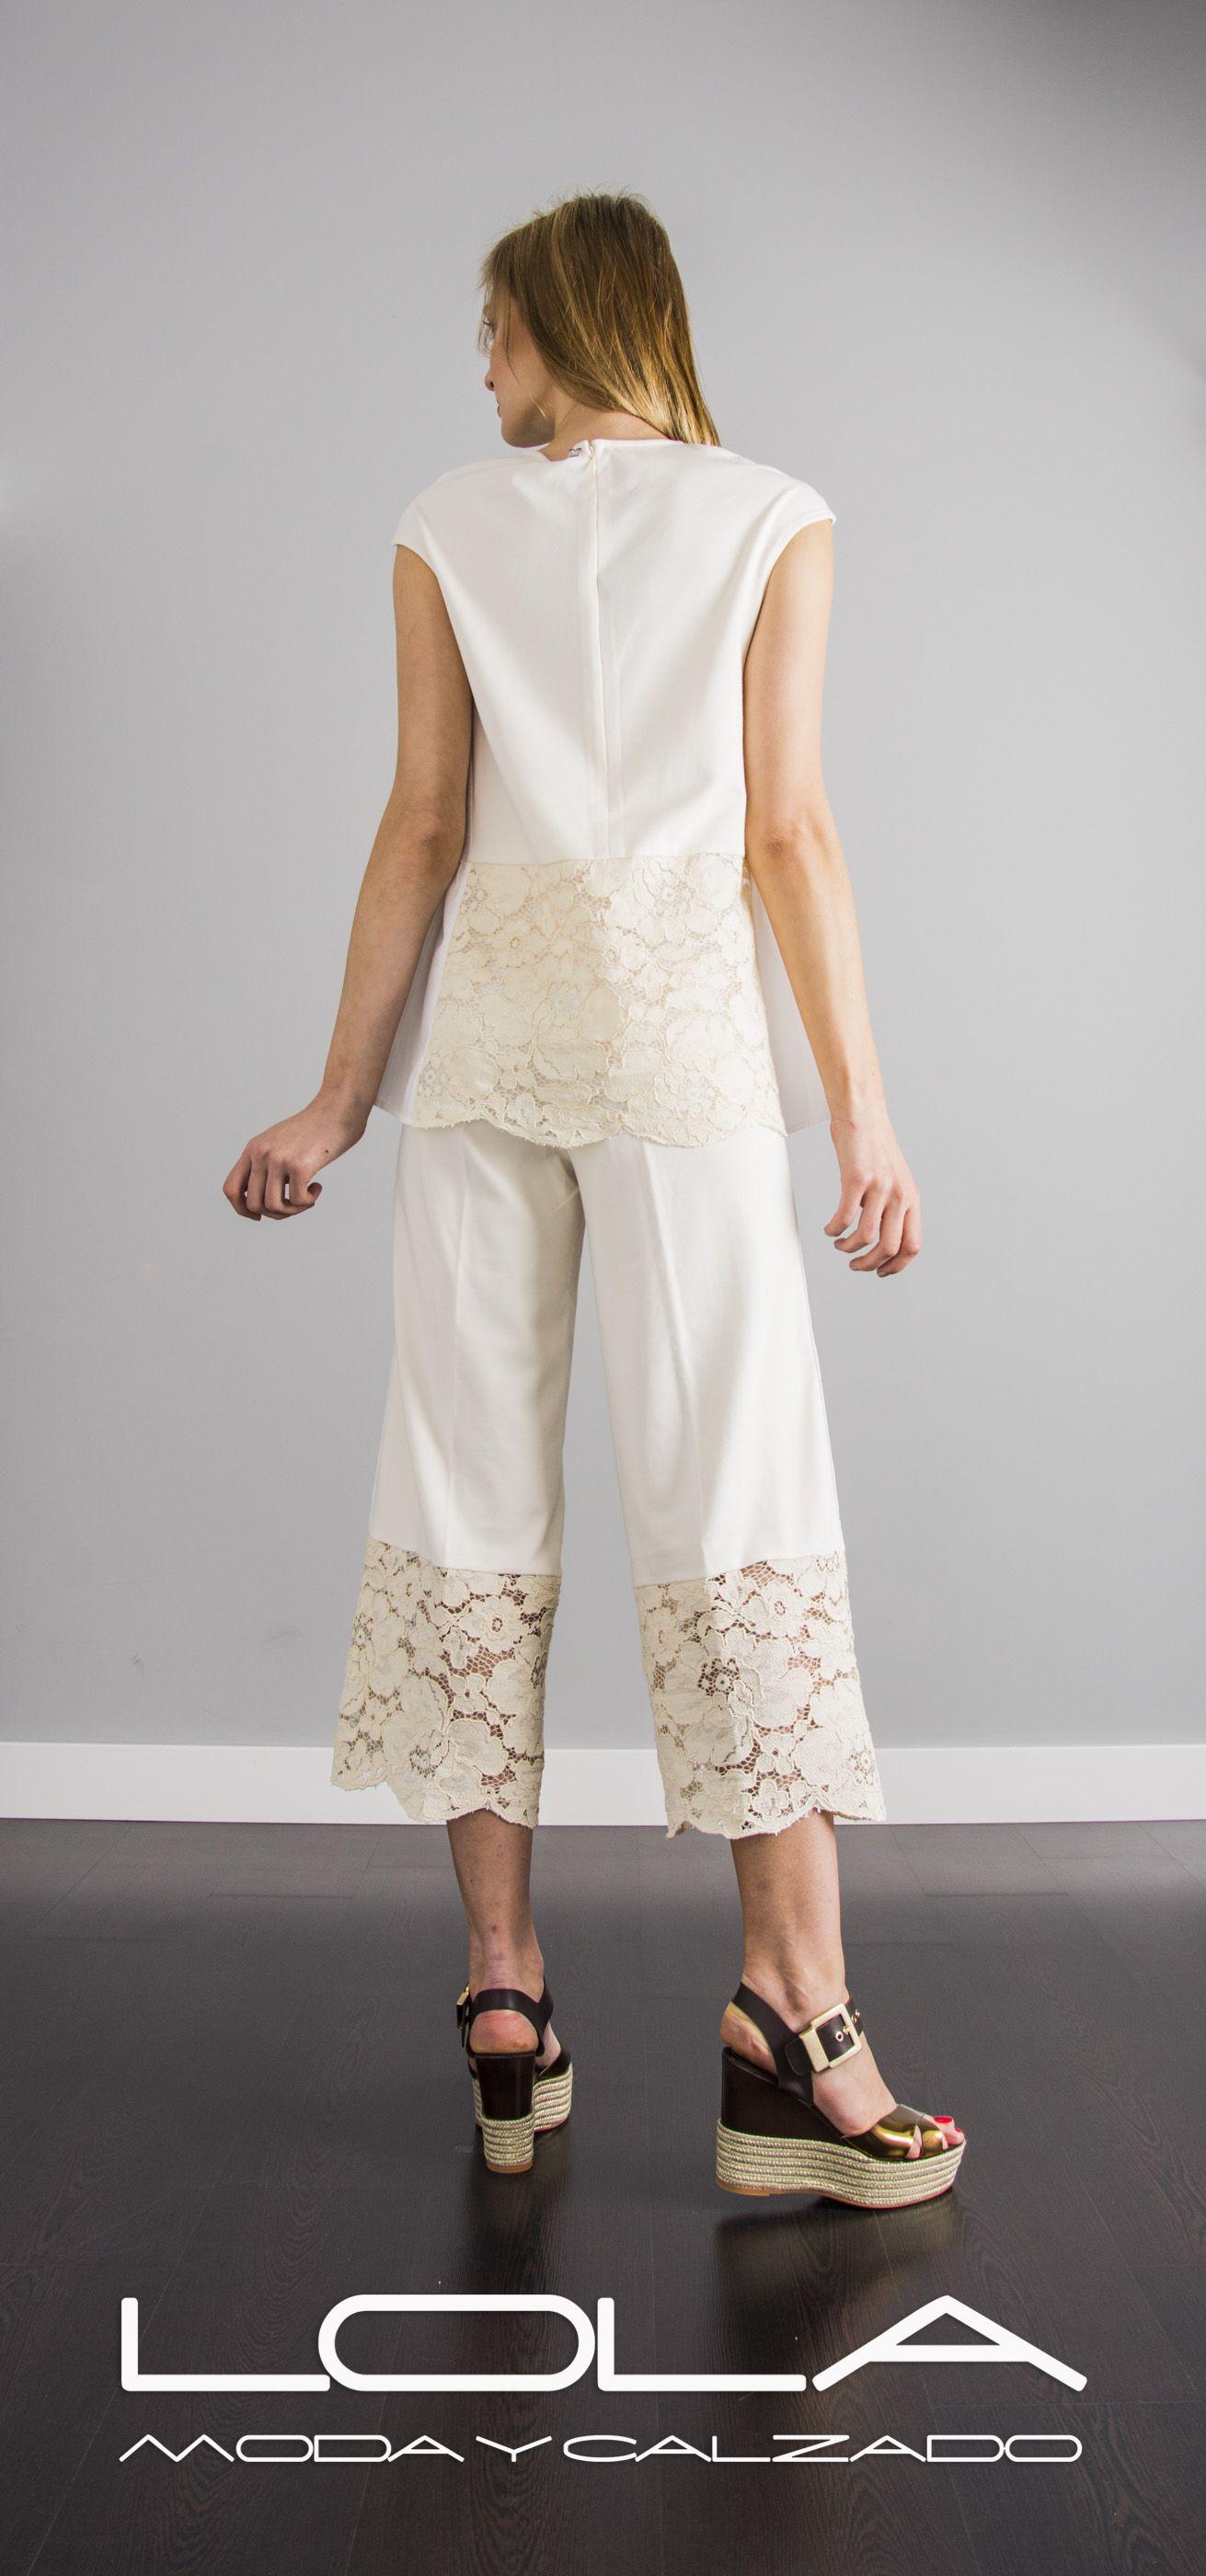 Los conjuntos más frescos, la manera más elegante de combatir el calor.  Pincha este enlace para comprar tu conjunto TWIN SET en nuestra tienda on line:  http://lolamodaycalzado.es/primavera-verano-17/1376-twin-set-7291.html